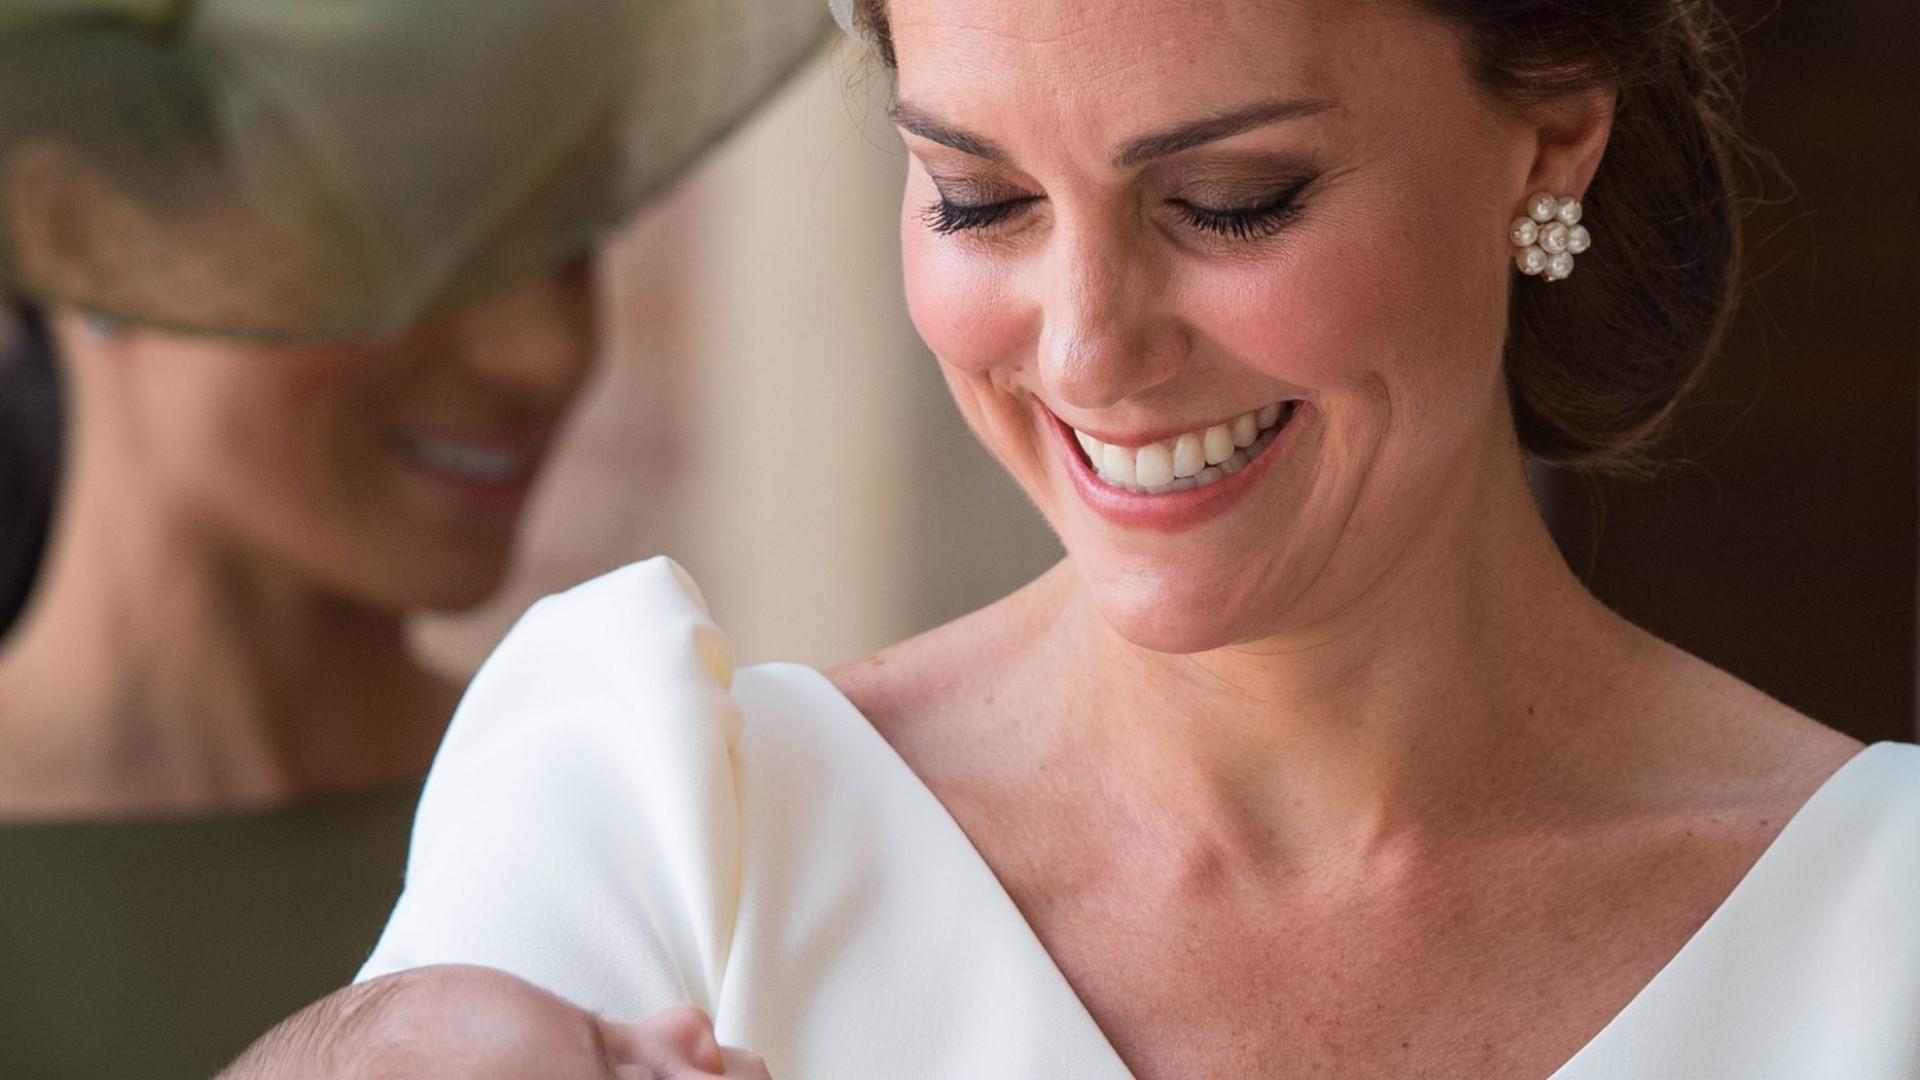 Brincos que Kate Middleton usou em batizado valem uma (pequena) fortuna